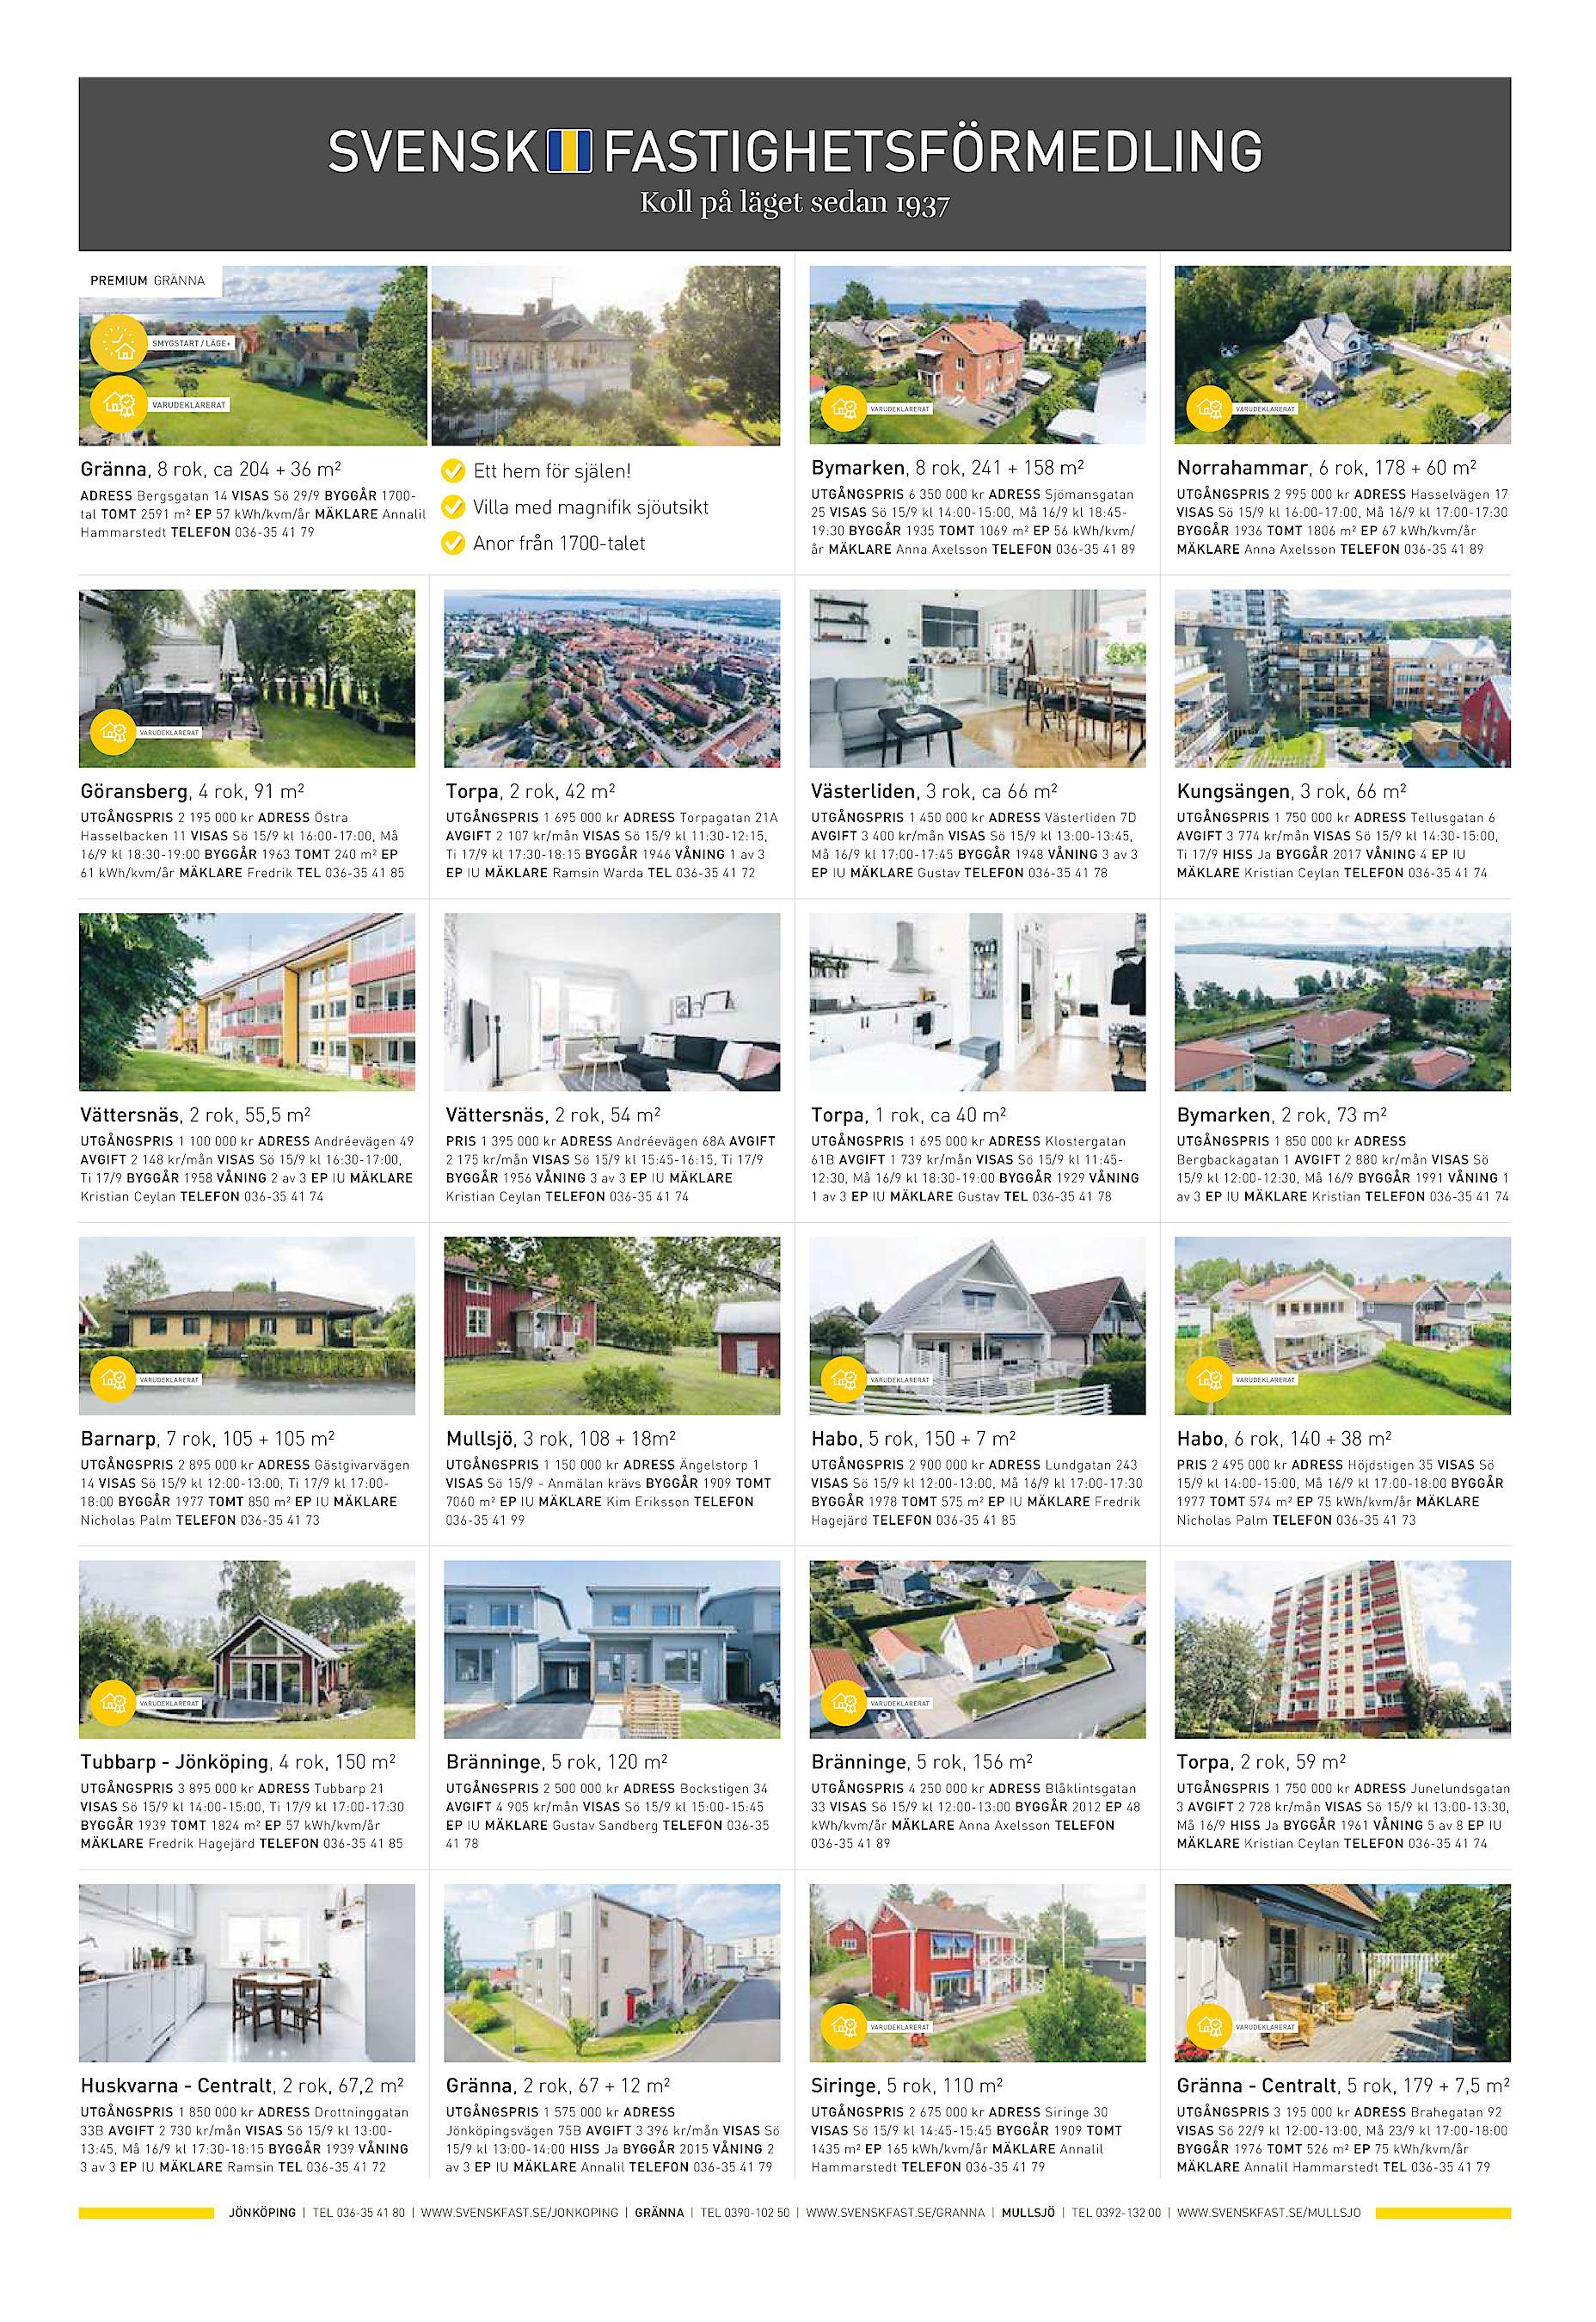 Elin Ihreborn, Barnarpsgatan 7, Jnkping | omr-scanner.net